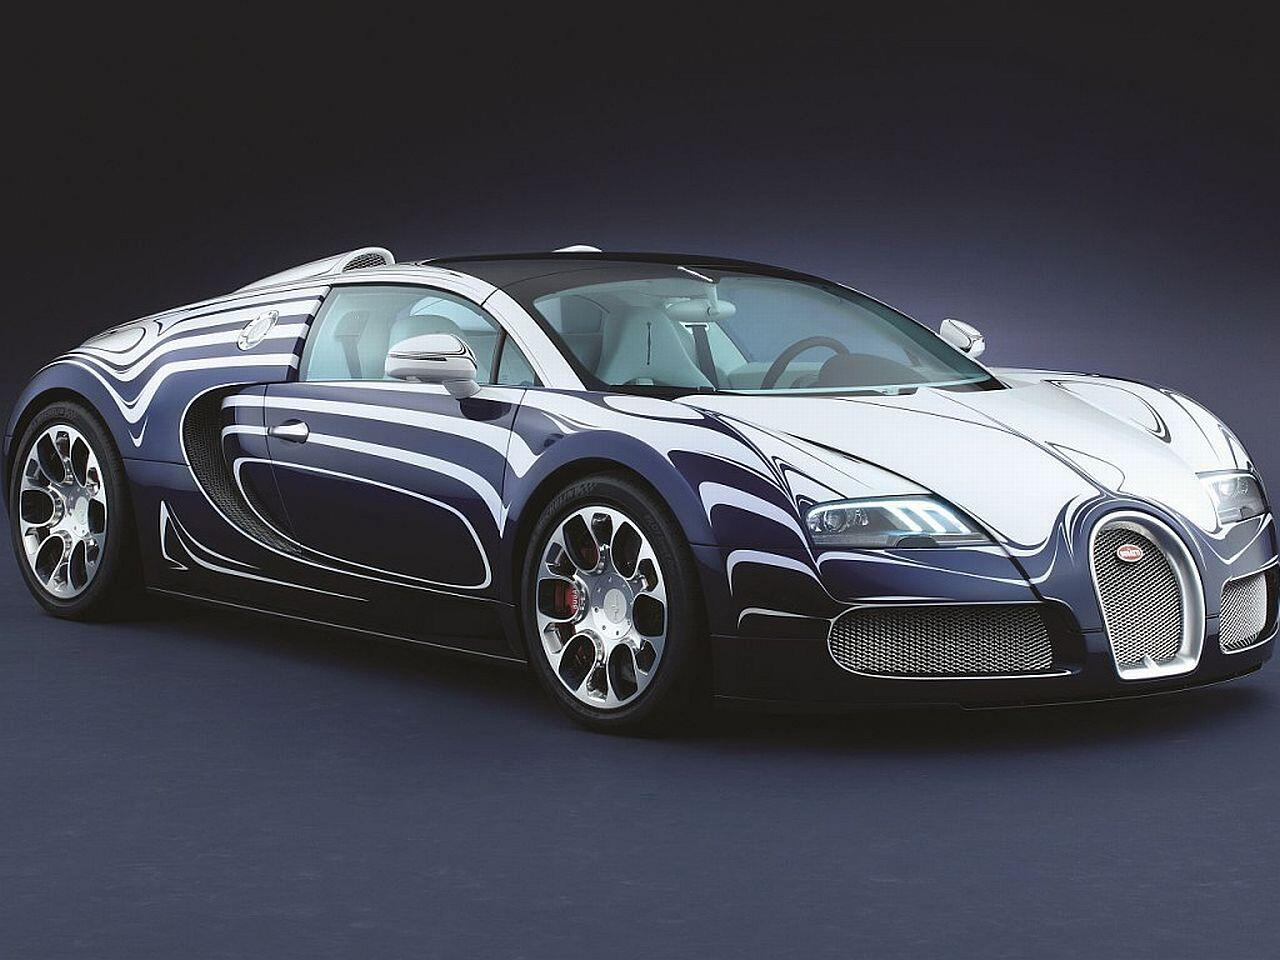 Bild zu In Zusammenarbeit mit einer Porzellan-Manufaktur entstand der Veyron L'Or Blanc